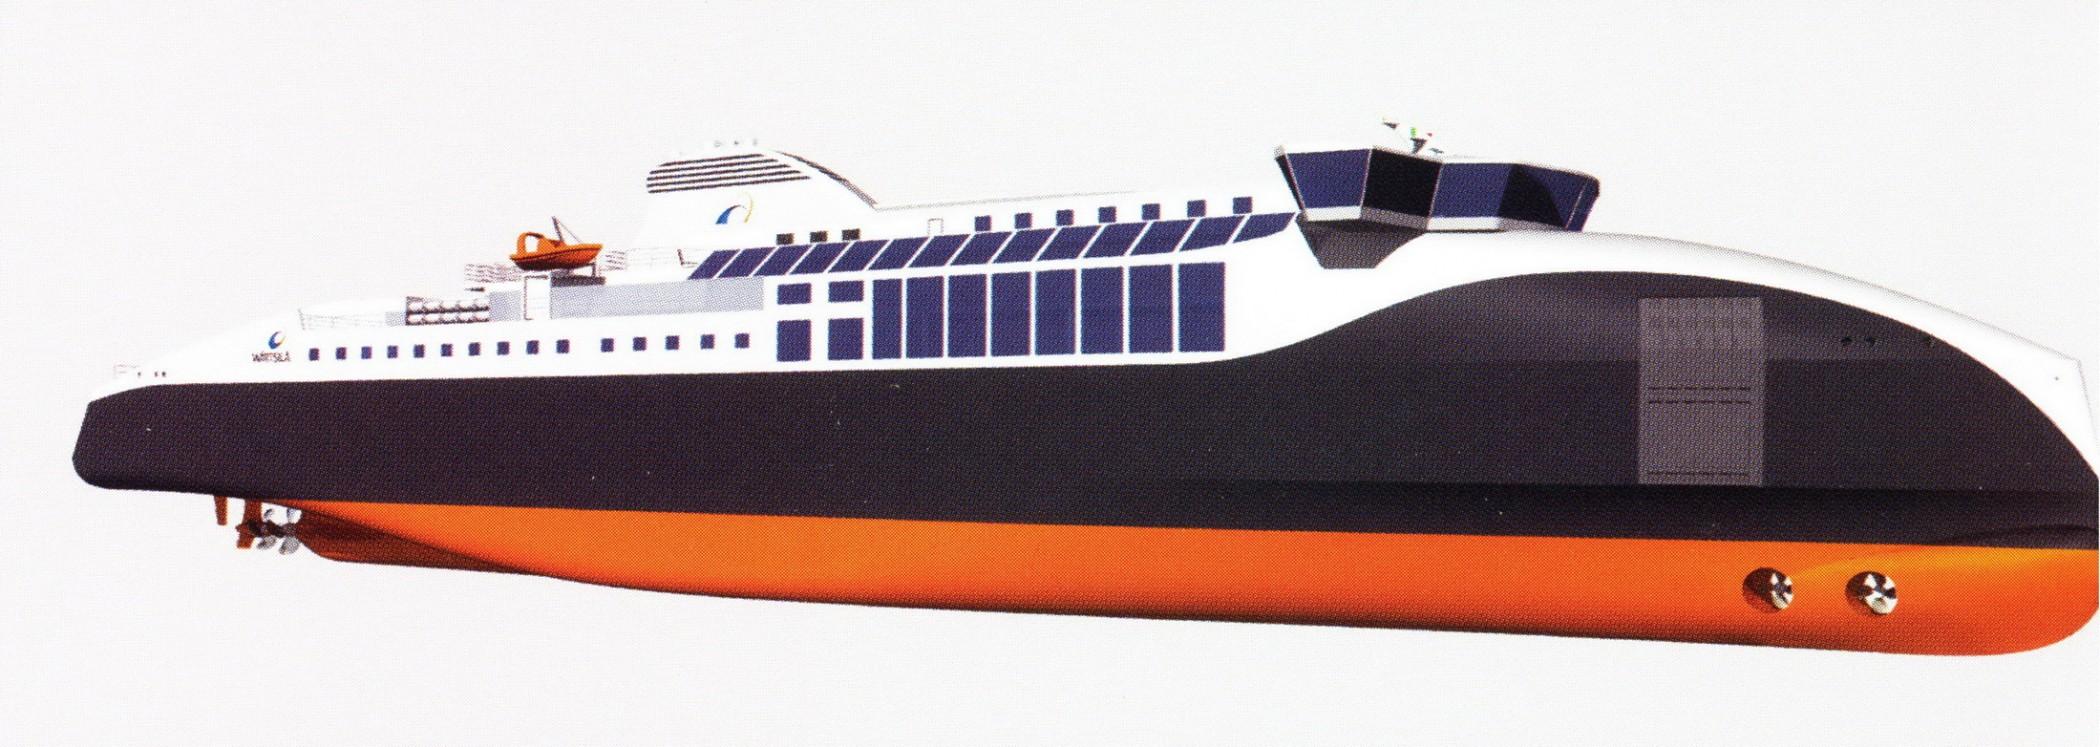 LNG Ferry by Wartsila